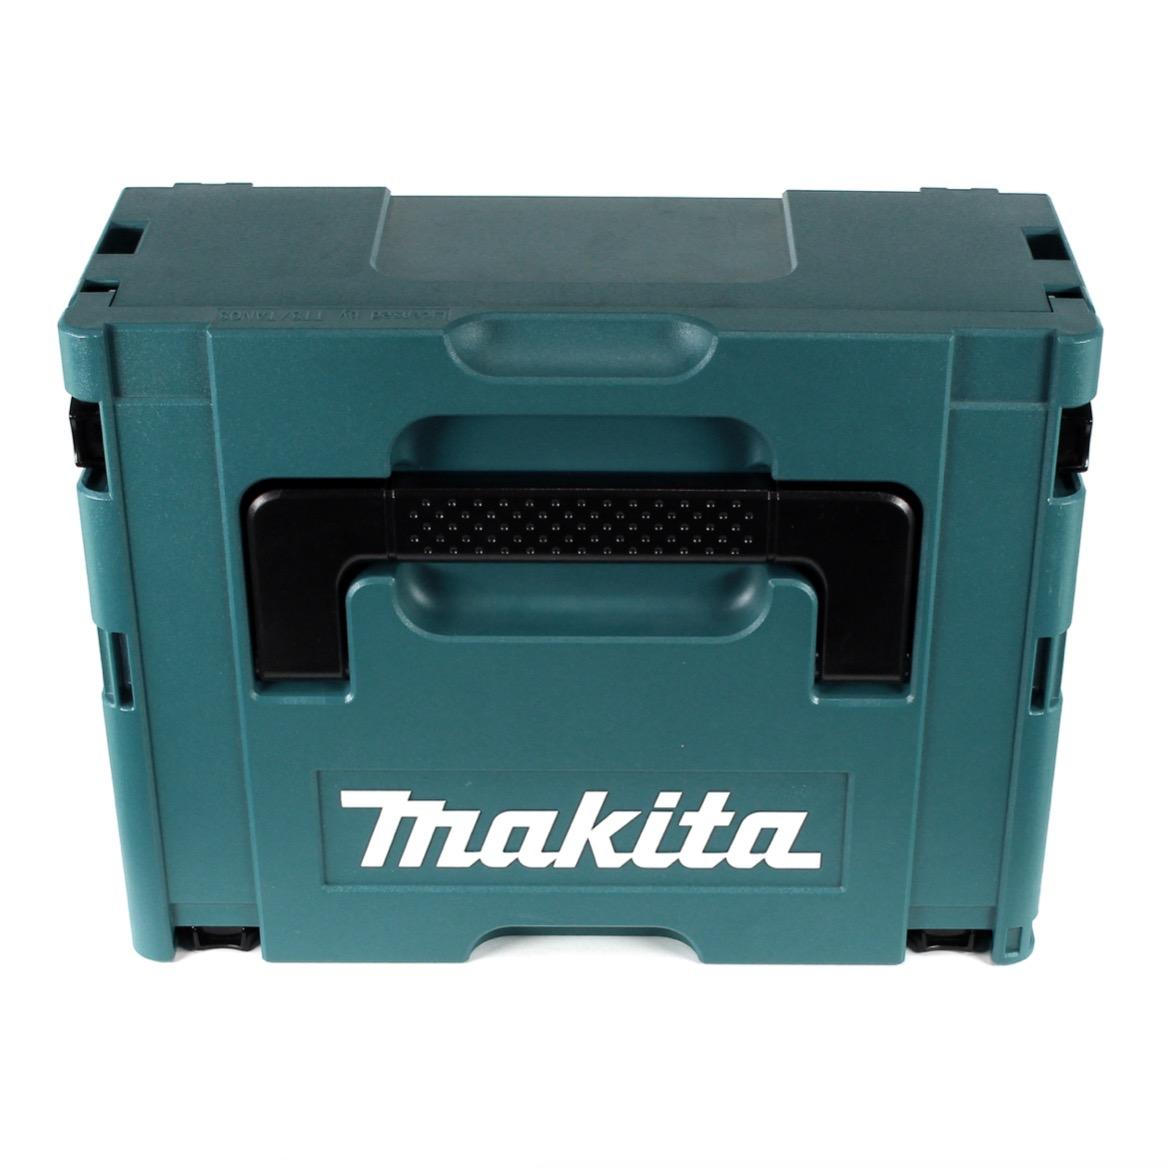 Makita Hr 2631 Ftj Kombihammer 800 W Mit Sds Plus Bohrfutter Und